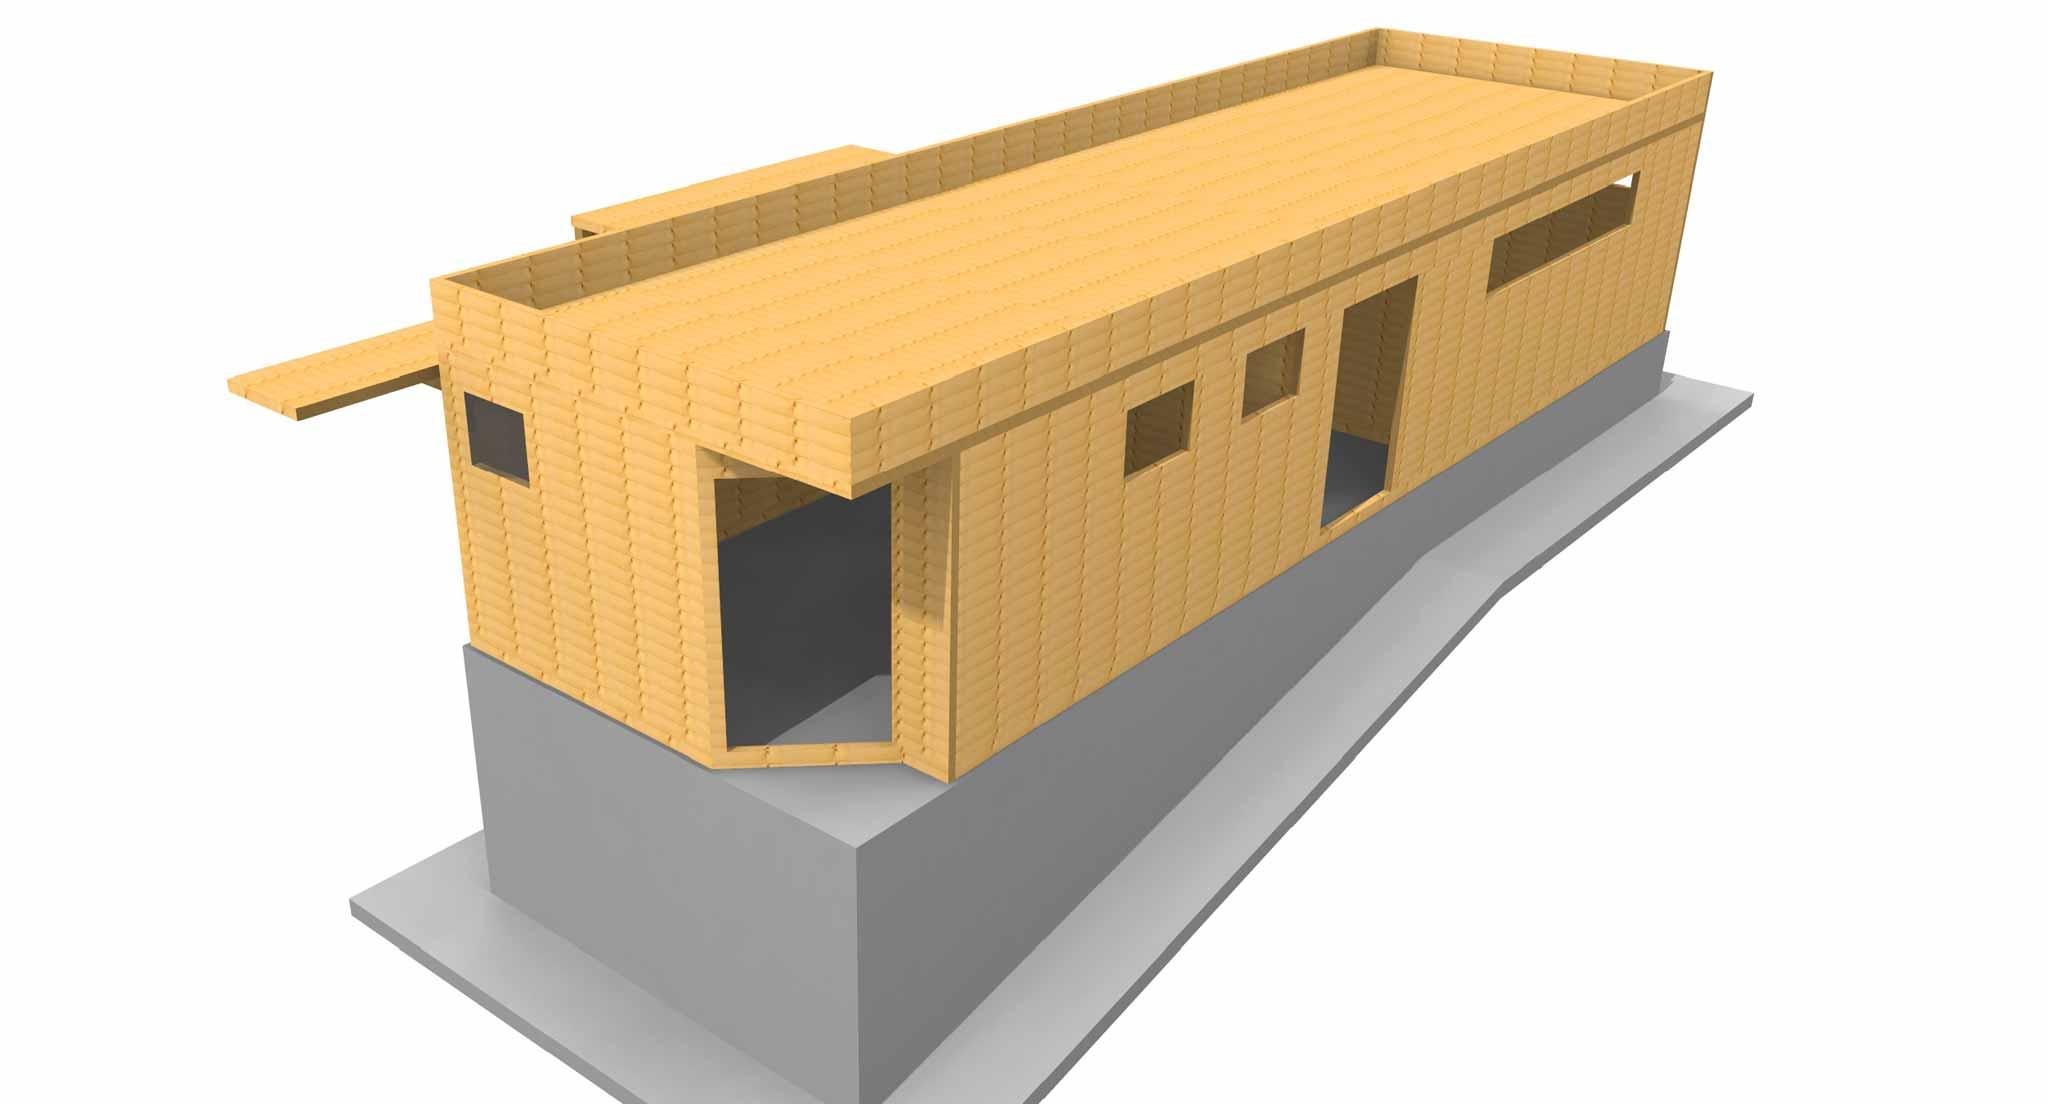 Viterbo open day cantiere casa in legno 10 giugno 2017 for Costantini case in legno